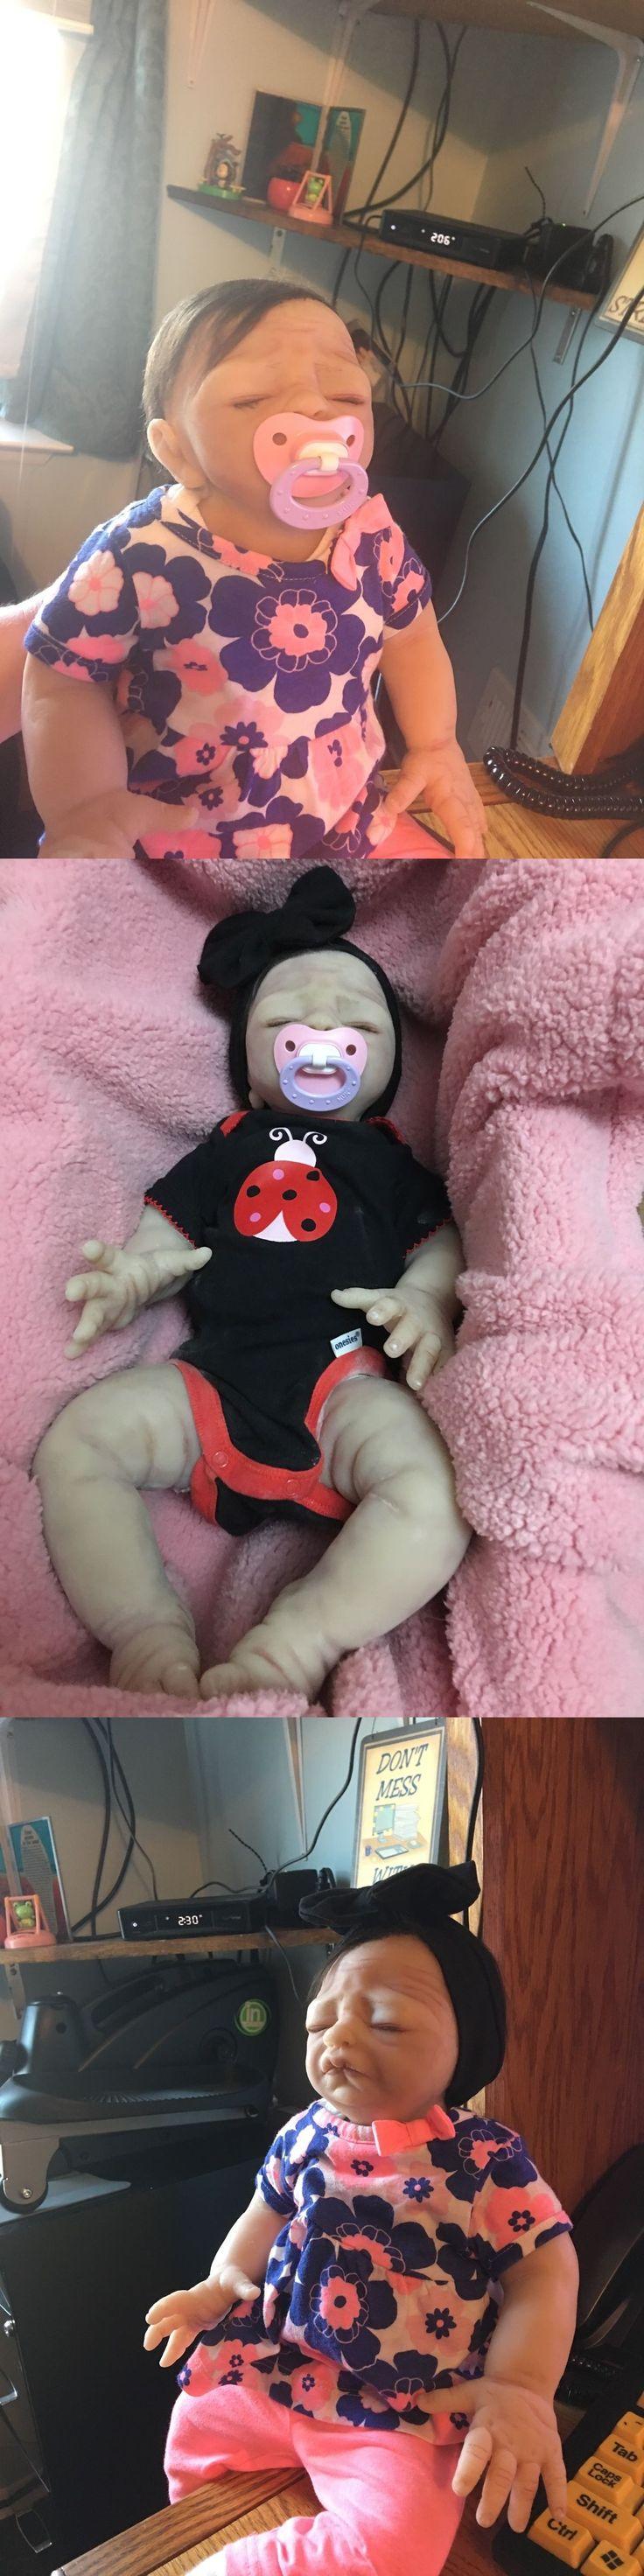 Best 20 Silicone Dolls Ideas On Pinterest Reborn Baby